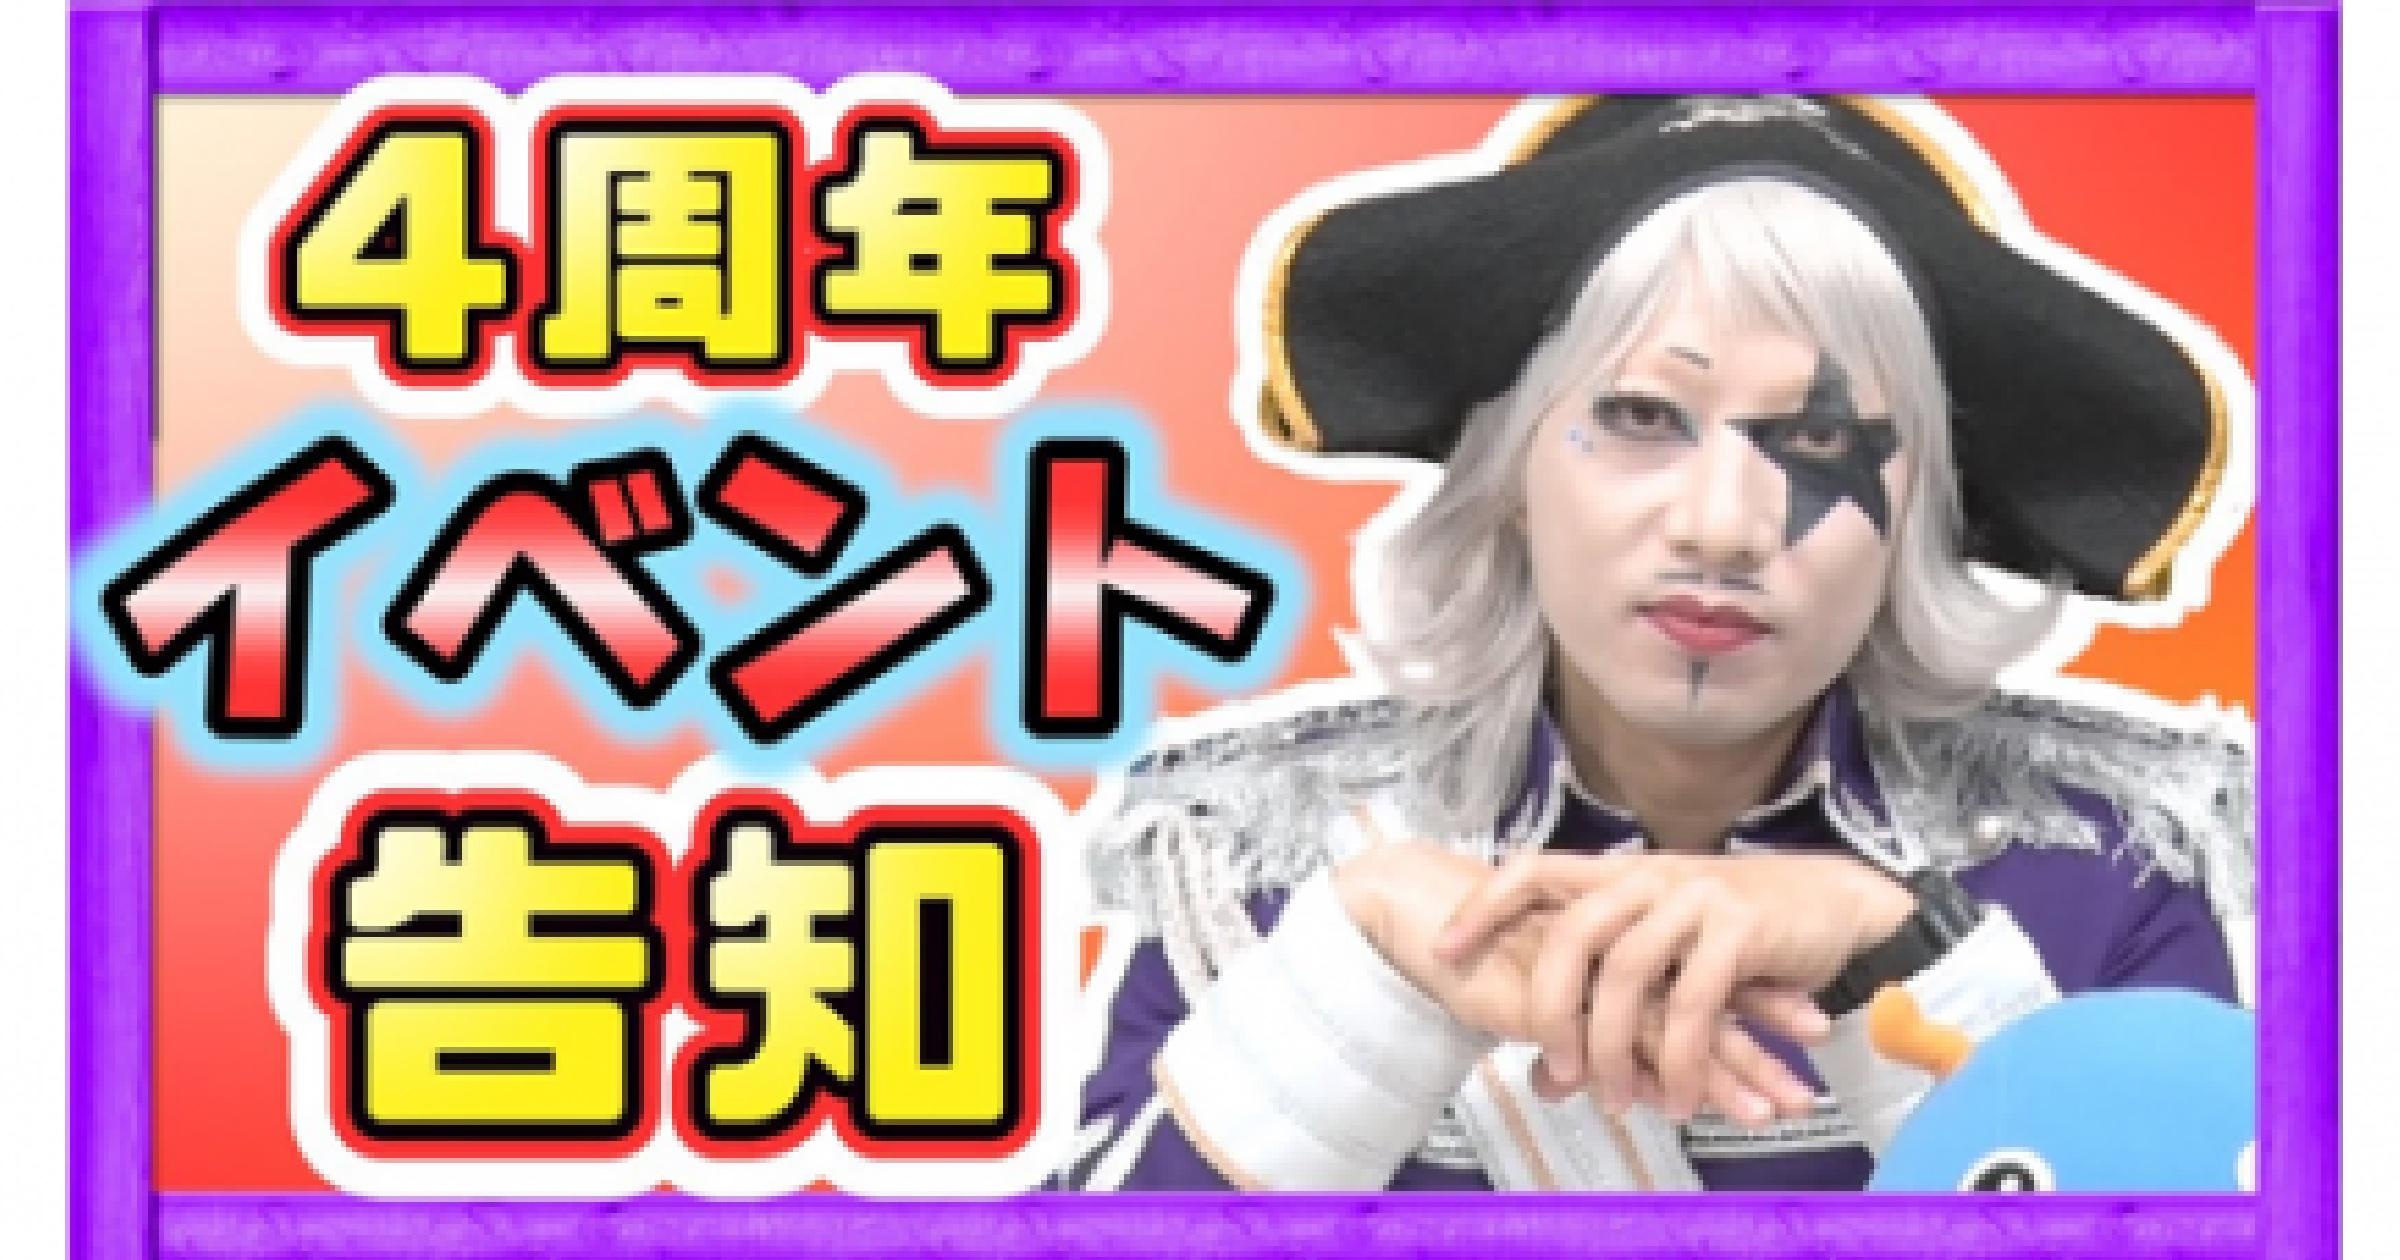 「ゴー☆ジャス動画@GameMarket」公開4周年記念にファン感謝祭を開催~イベント参加者の募集開始~